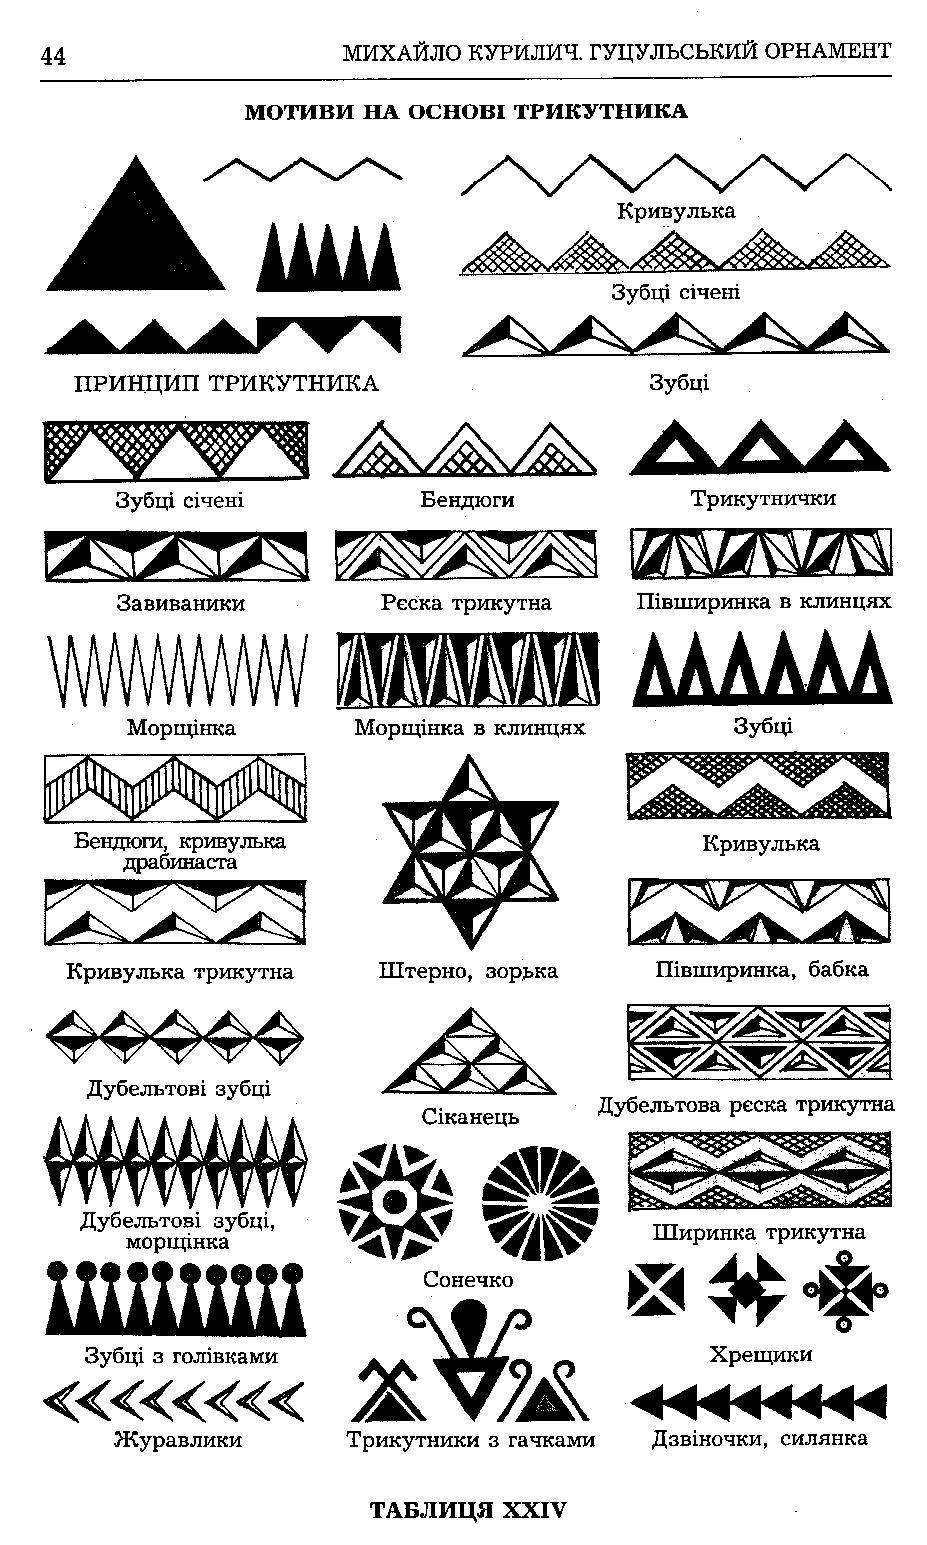 Tablitsya24-Motivi-na-osnovi-trikutnika